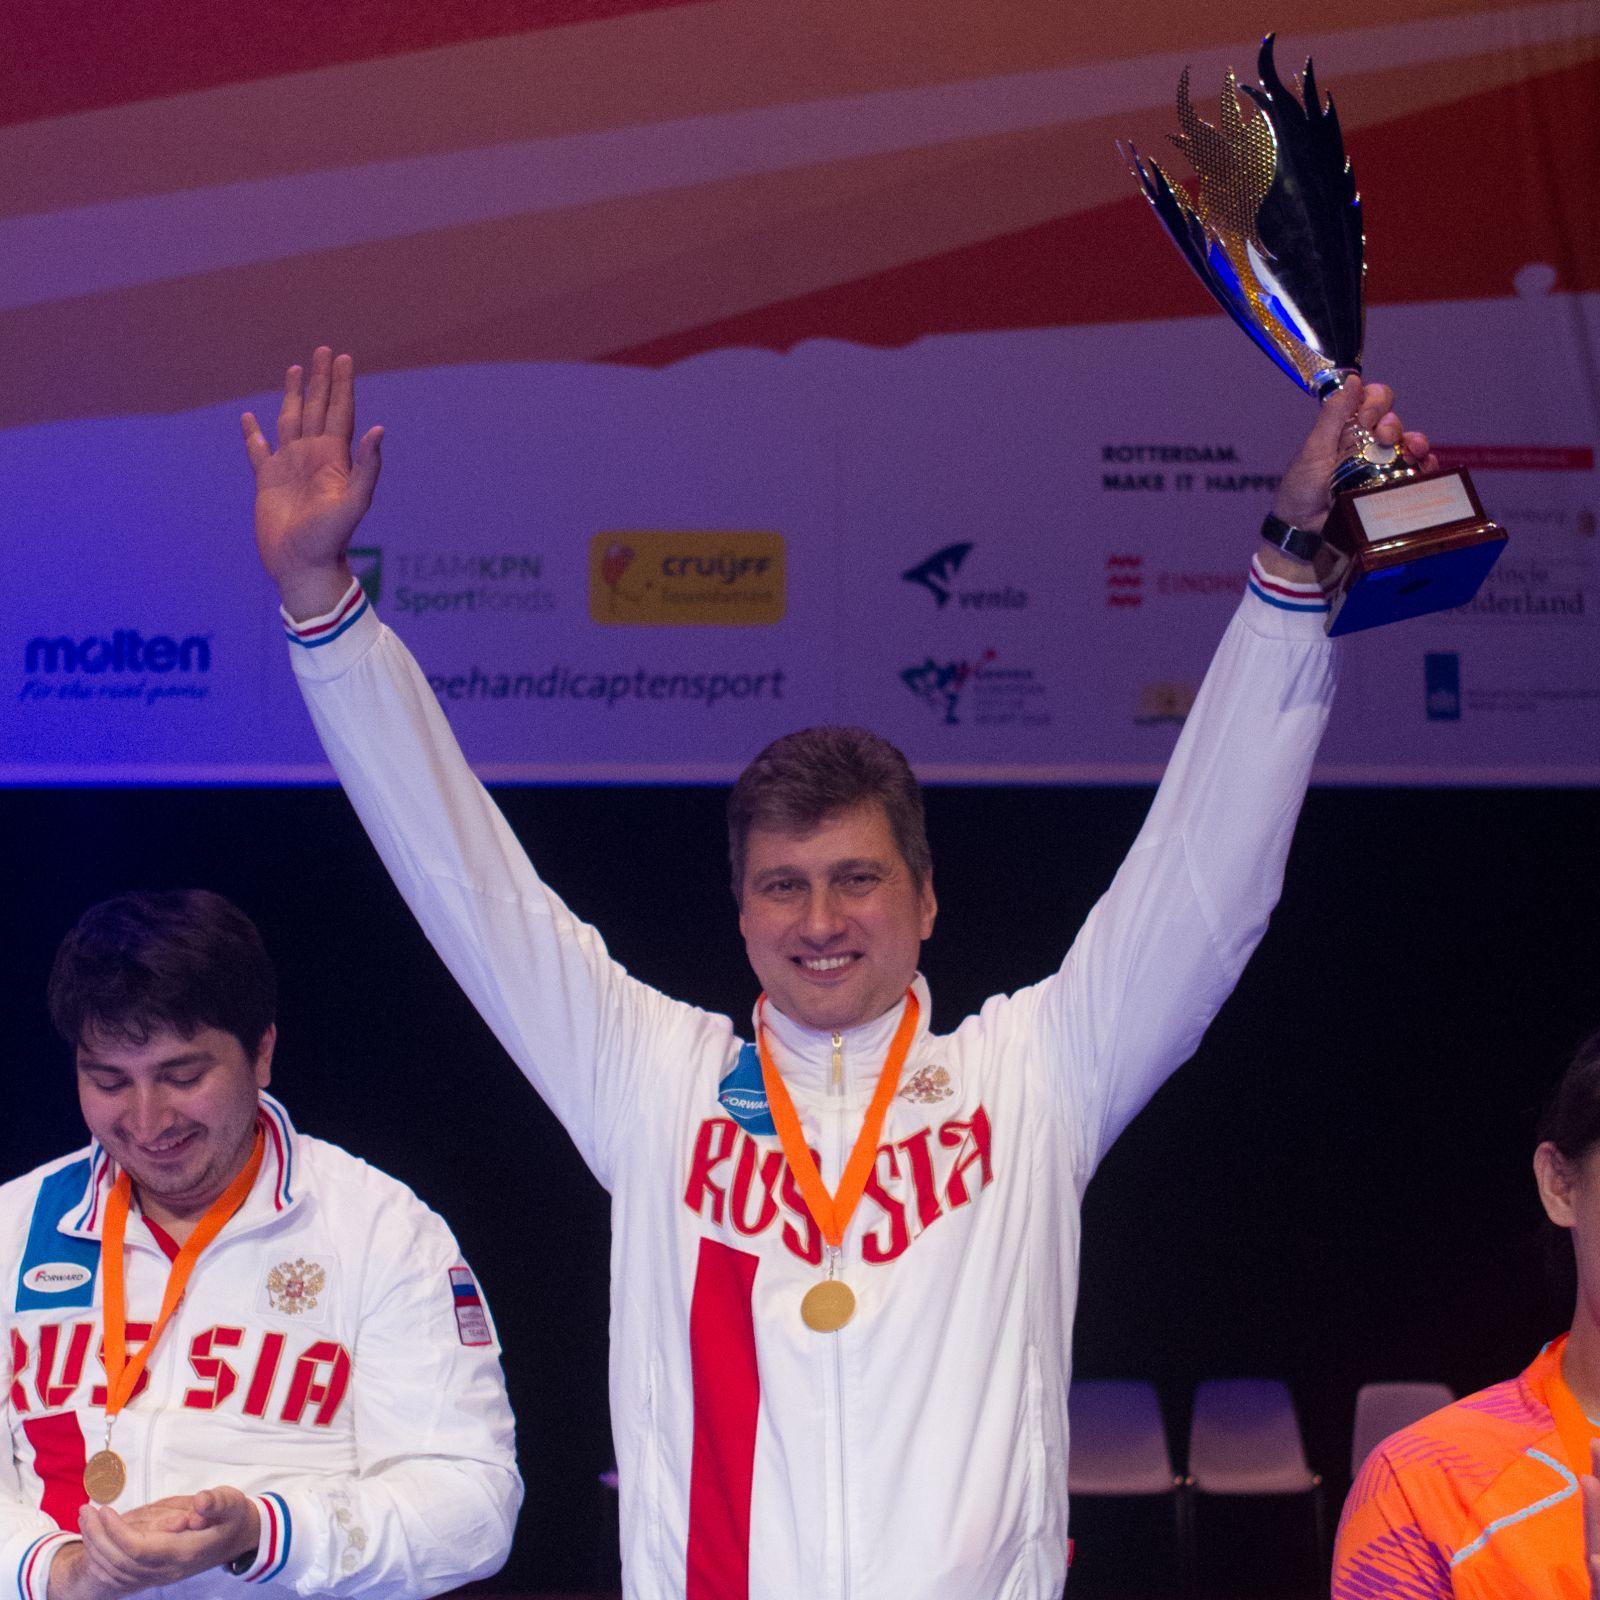 Александр Овсянников, старший тренер сборной России по волейболу сидя: честно признаюсь, мы даже не рассчитывали на то, что выиграем чемпионат мира